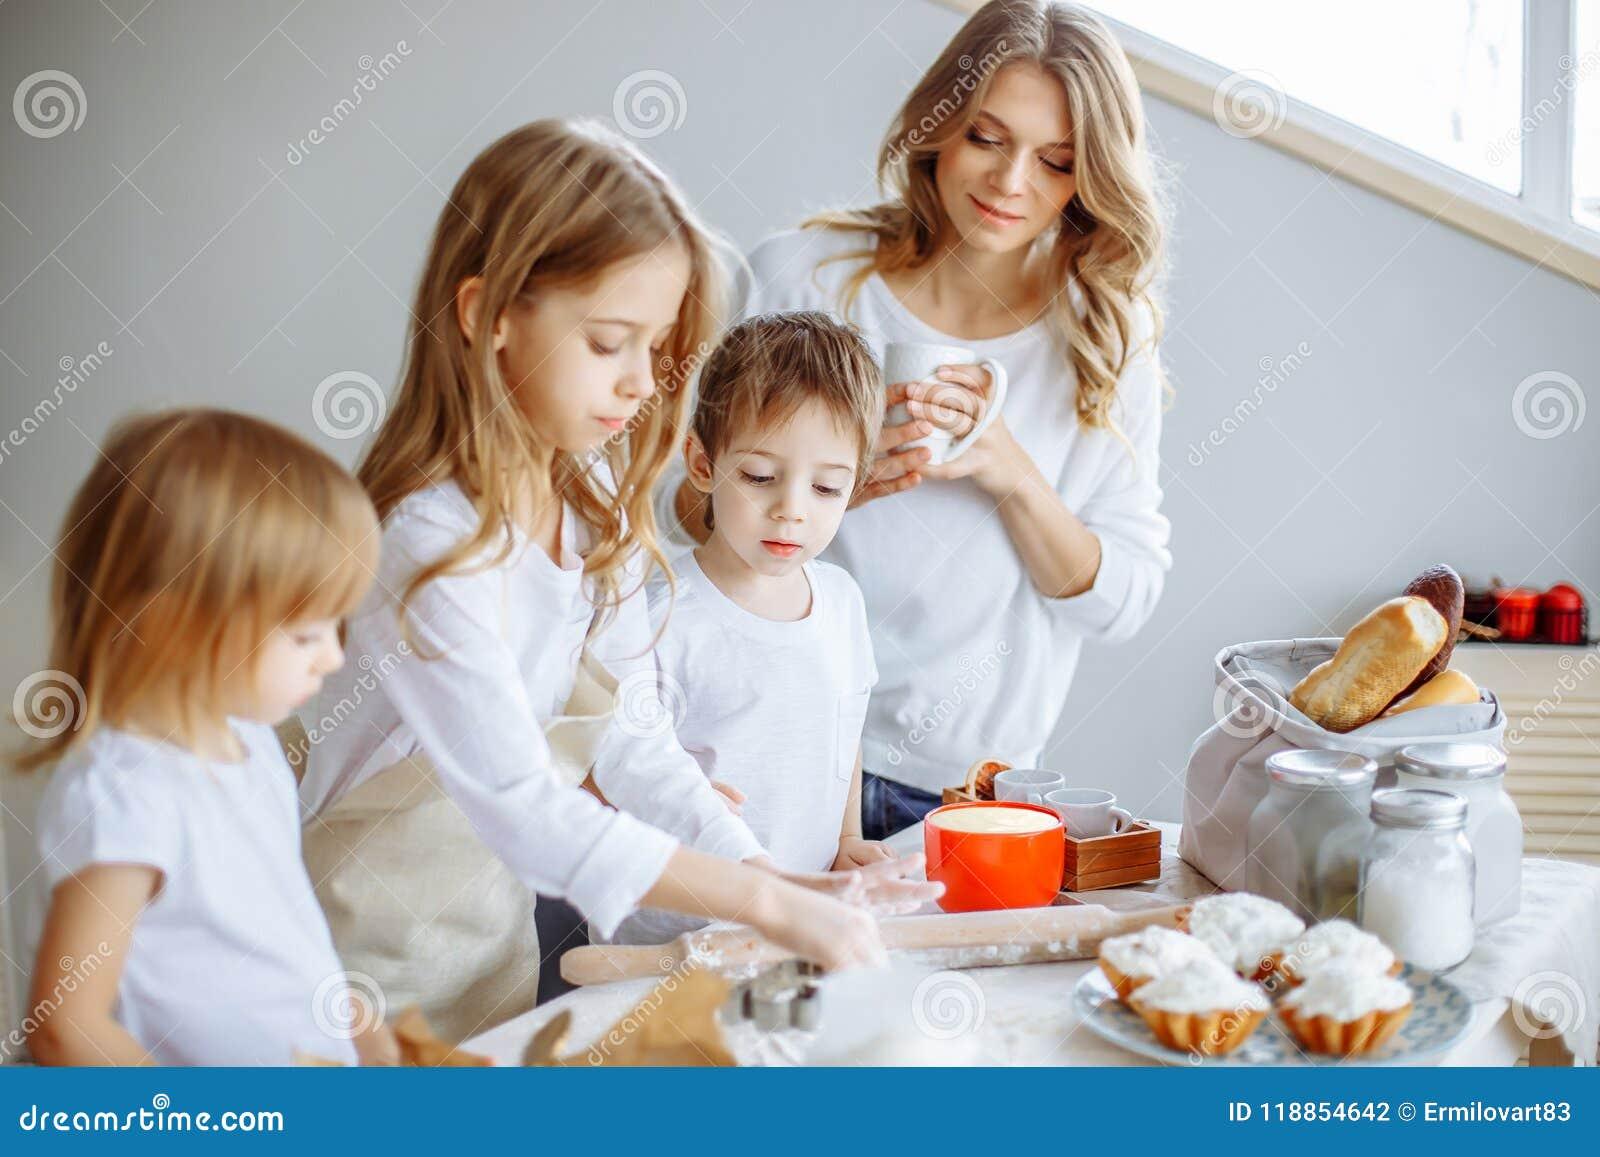 Ευτυχής οικογένεια στην κουζίνα Η μητέρα και τα χαριτωμένα παιδιά της μαγειρεύουν τα μπισκότα